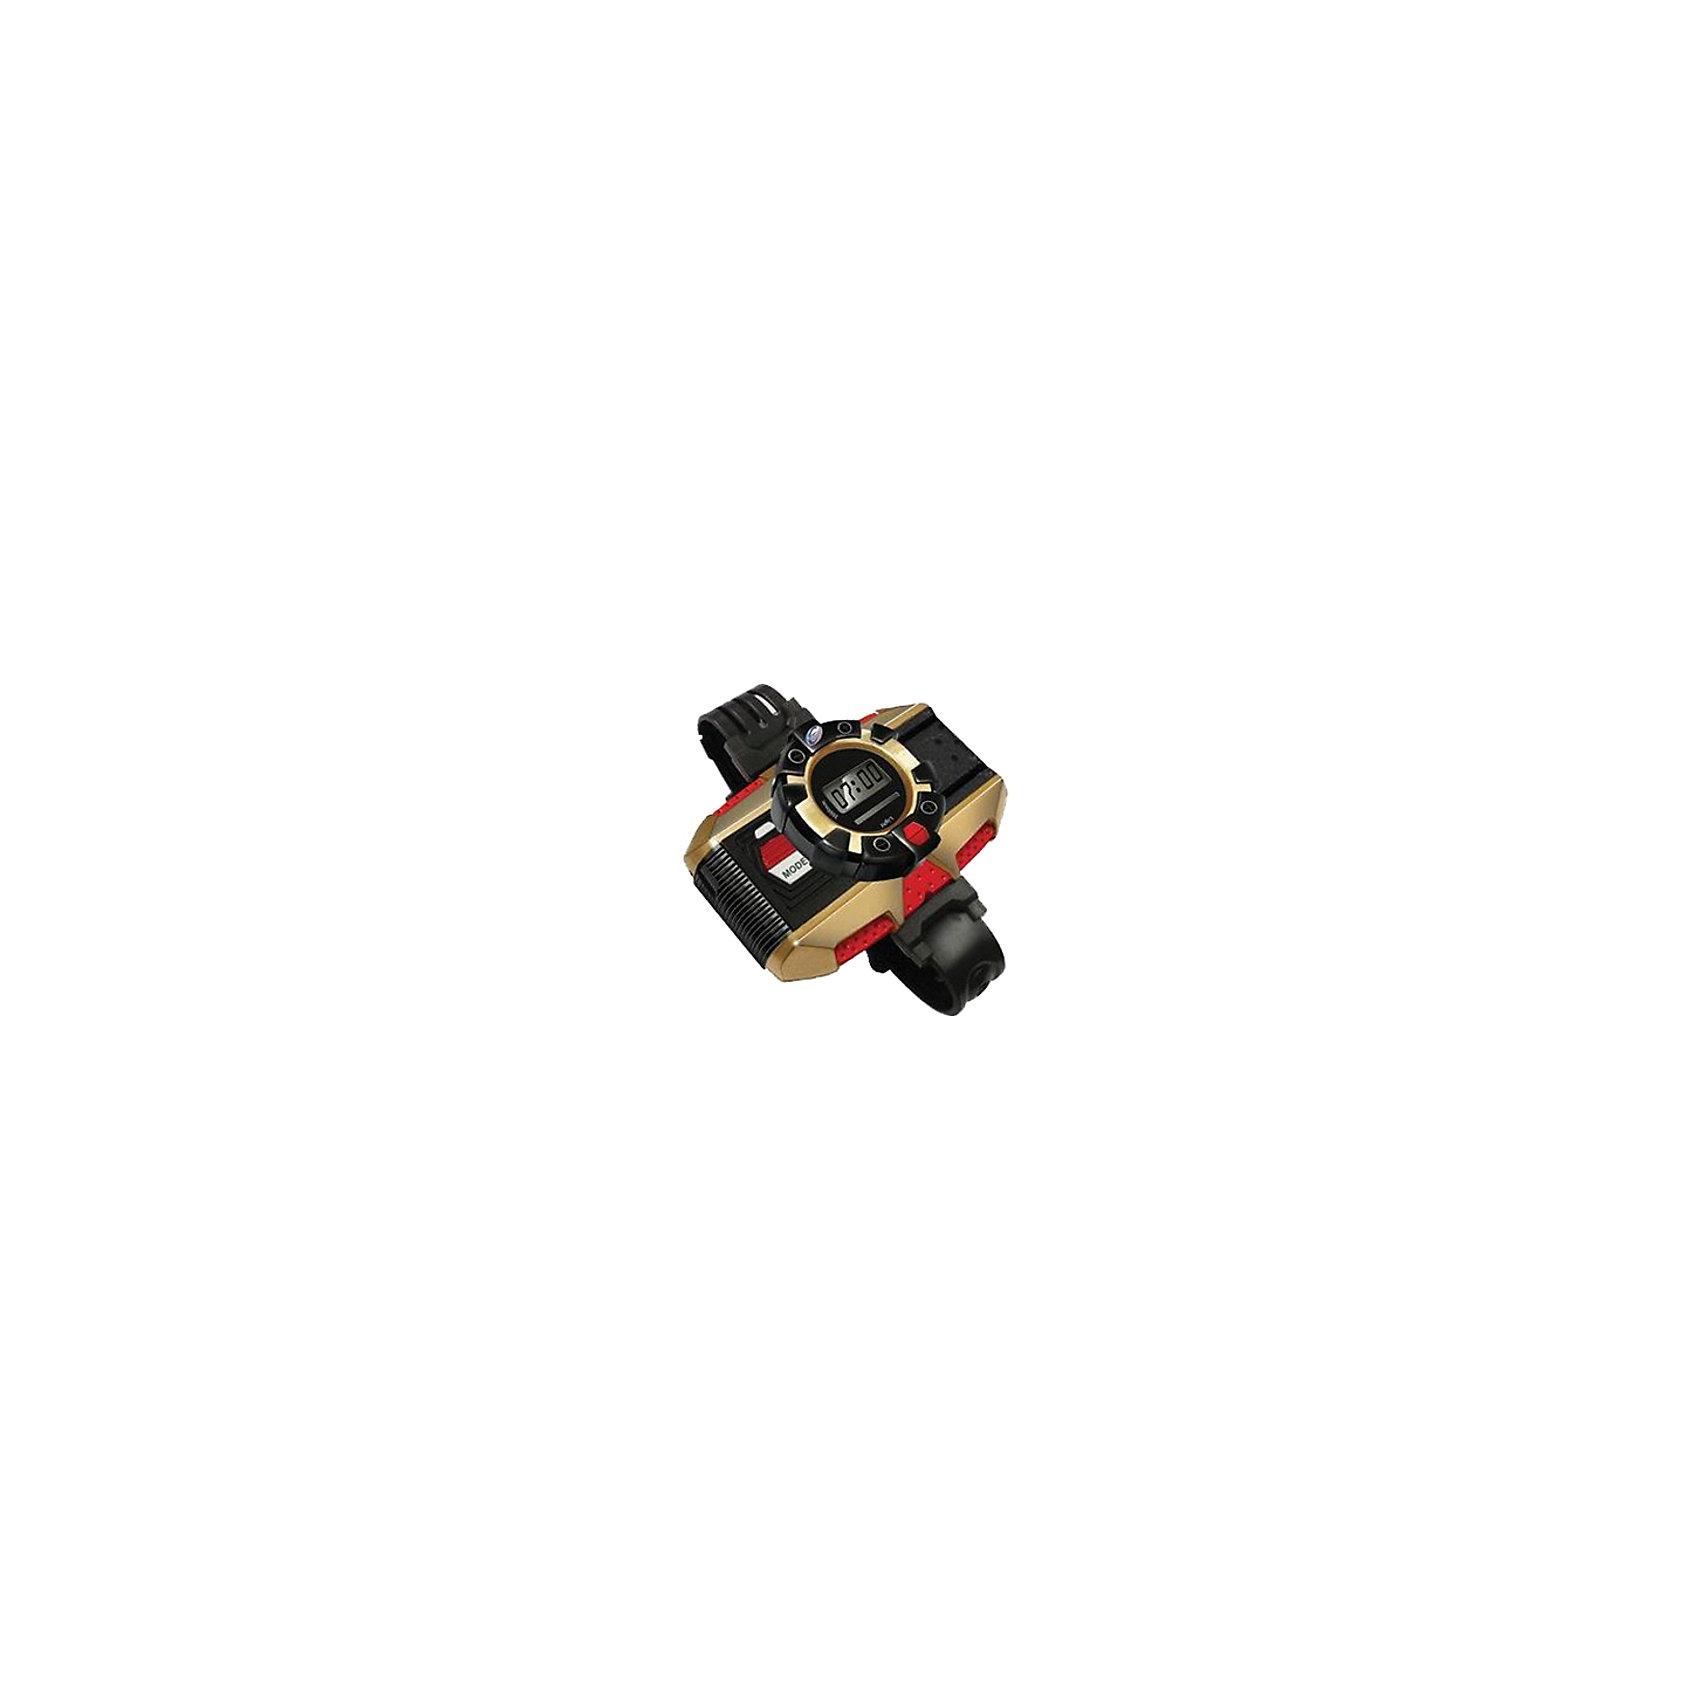 Eastcolight Цифровая мини-камера в виде наручных часовСюжетно-ролевые игры<br>Мини-камера для настоящего шпиона, которая замаскирована под наручные часы. С такой игрушкой можно заснять события, которые творятся вокруг и при этом остаться незамеченным. Часы имеют USB порт и подсветку, что делает их еще более удобными.<br><br>Дополнительная информация:<br><br>- Питание: от батареек.<br>- Материал: пластмасса.<br><br>Ширина мм: 170<br>Глубина мм: 80<br>Высота мм: 140<br>Вес г: 247<br>Возраст от месяцев: 72<br>Возраст до месяцев: 1188<br>Пол: Мужской<br>Возраст: Детский<br>SKU: 3220288